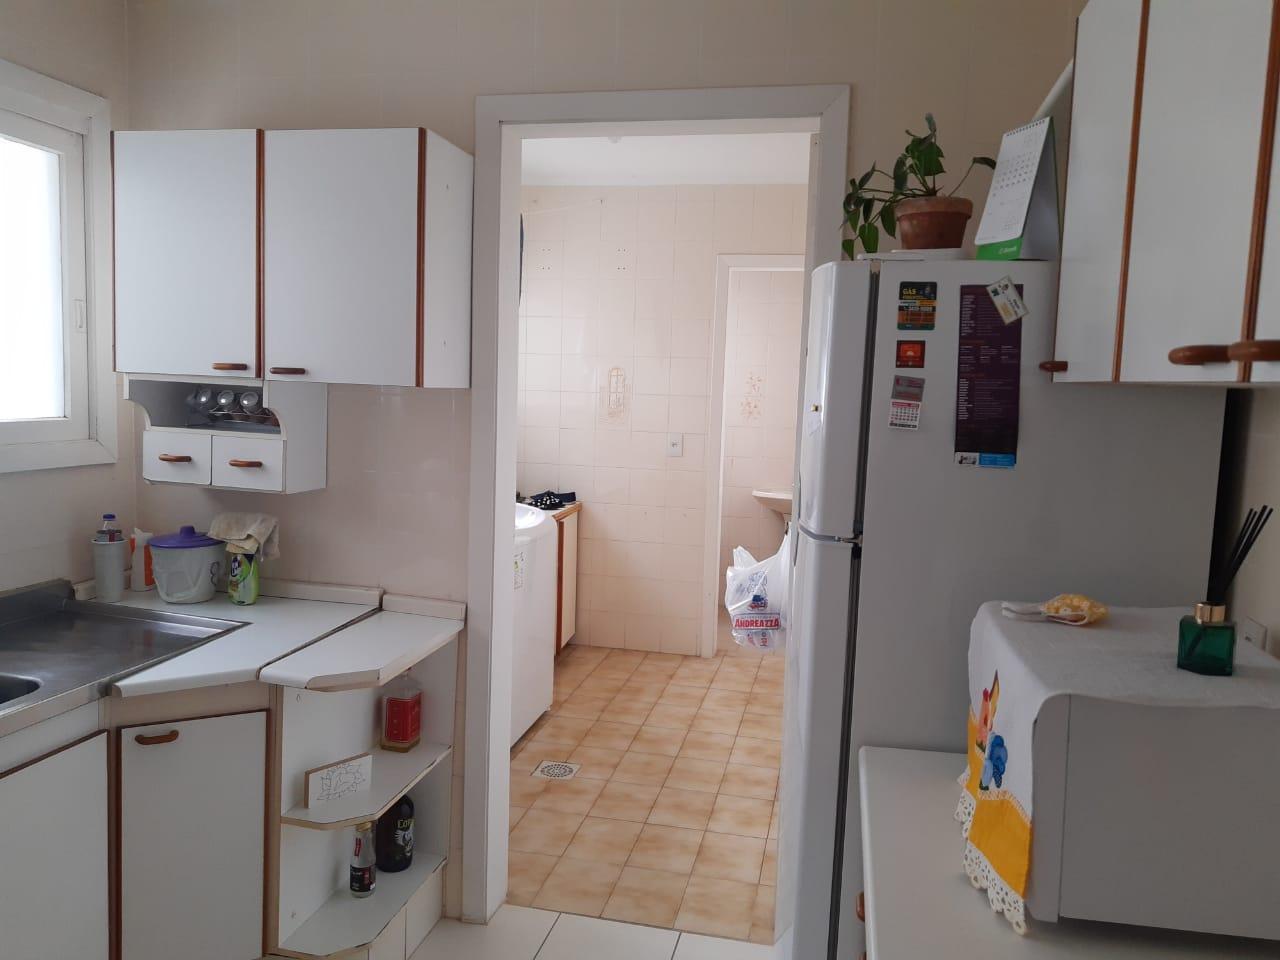 https://s3-sa-east-1.amazonaws.com/static-arbo/AP0536_CNI/apartamento-com-dormitorios-para-alugar-m-por-r-mes-pio-x-caxias-do-sulrs1617962276885svuho.jpg